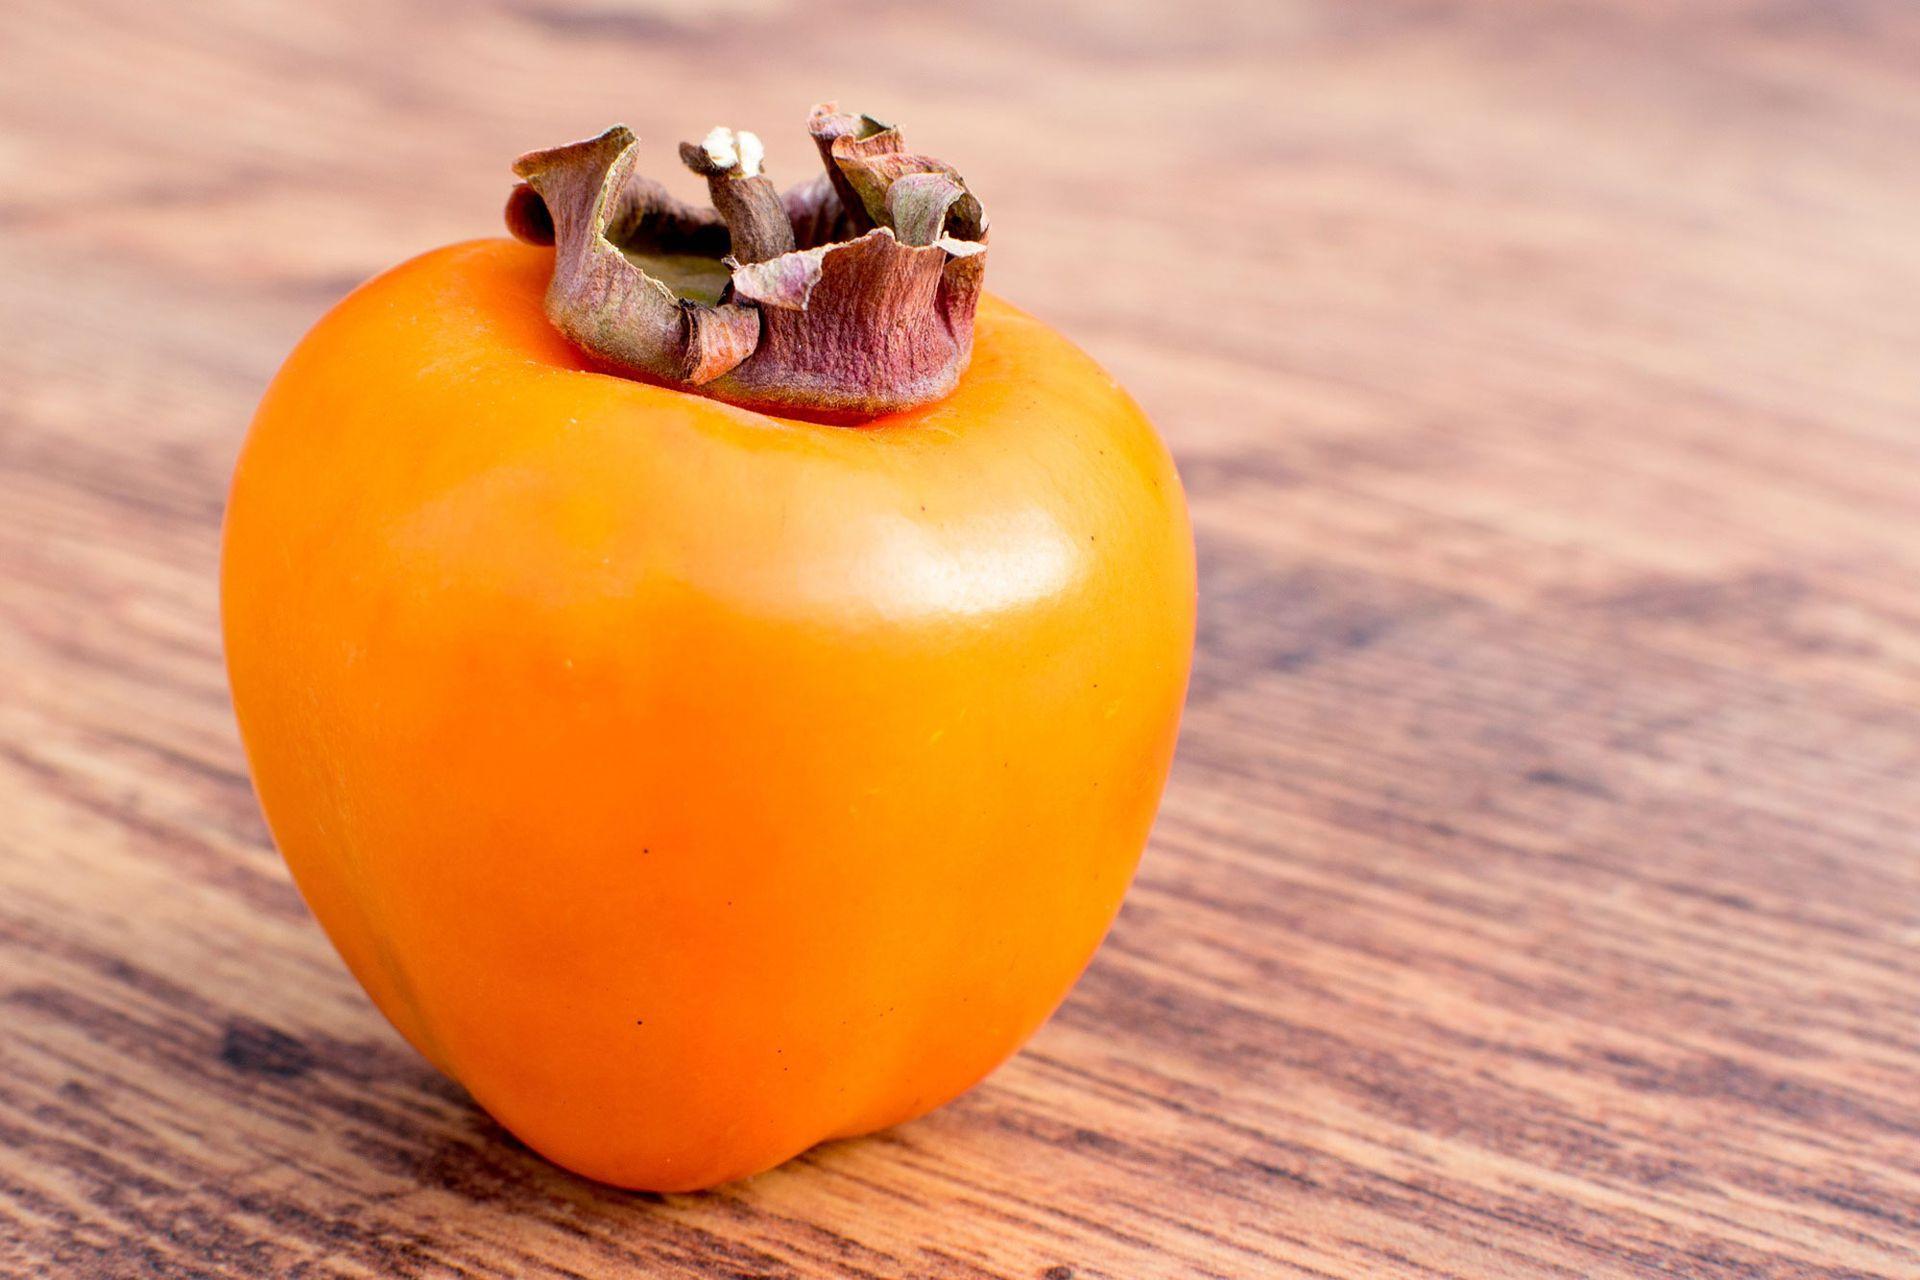 Existen distintas variedades de kakis y la forma del fruto depende de ellas. En algunos casos, la baya es esférica aplanada y en otros, cónica.